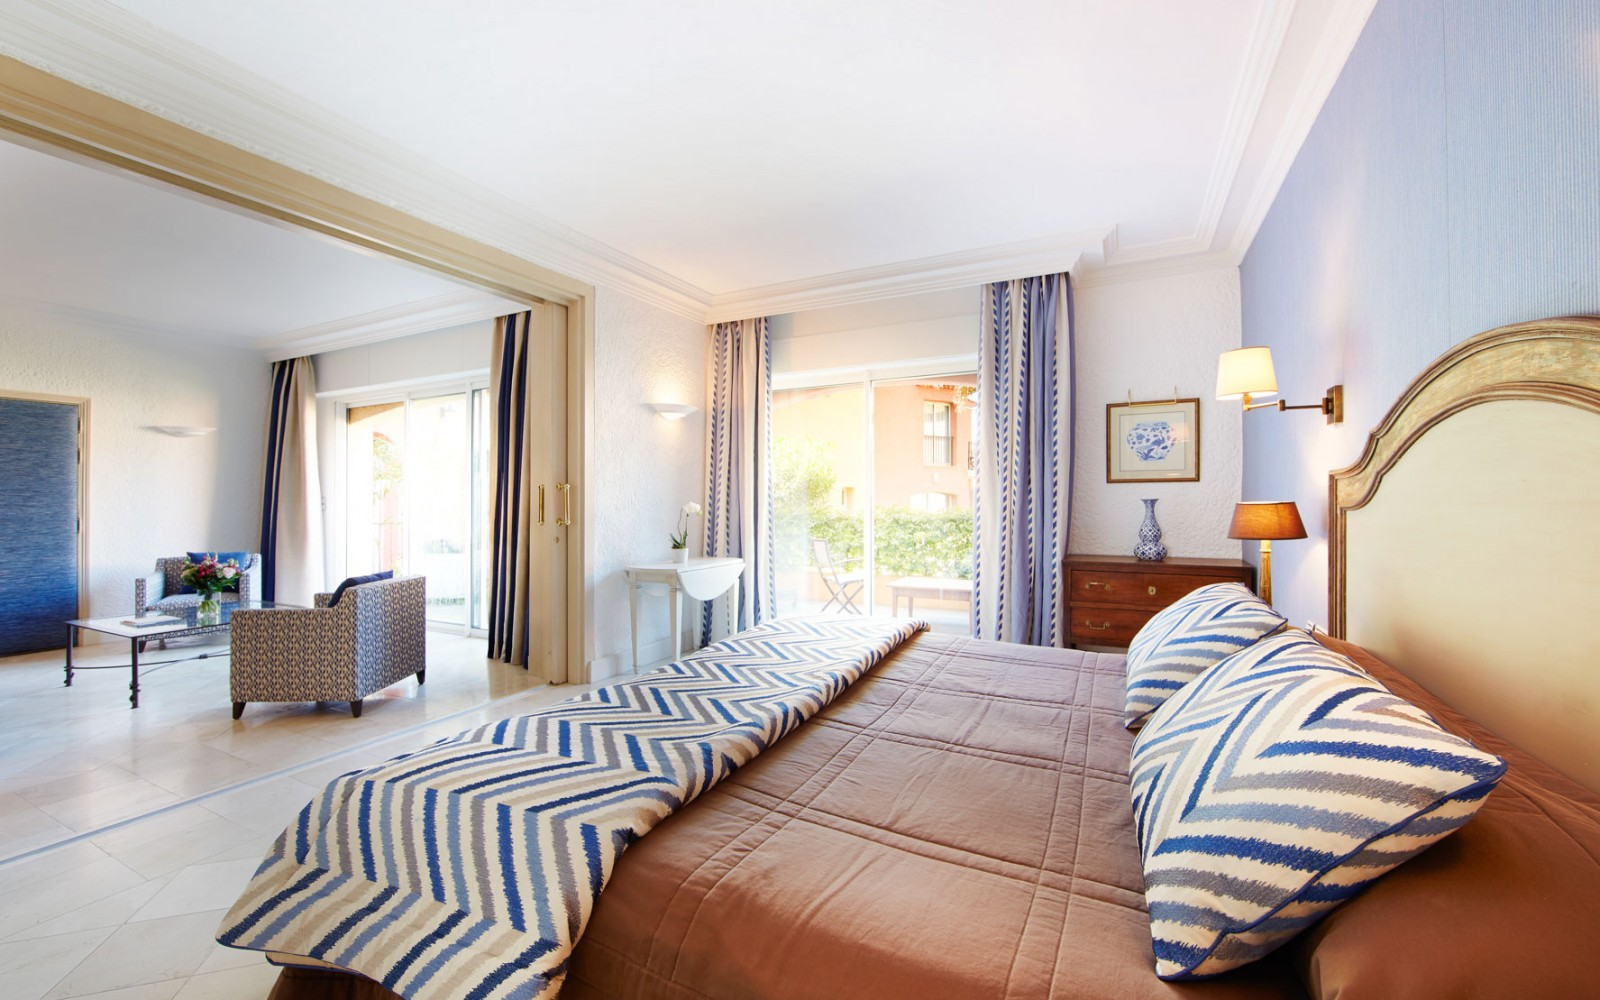 Hotel_Byblos_Saint-Tropez_Deluxe-Suite-129-2